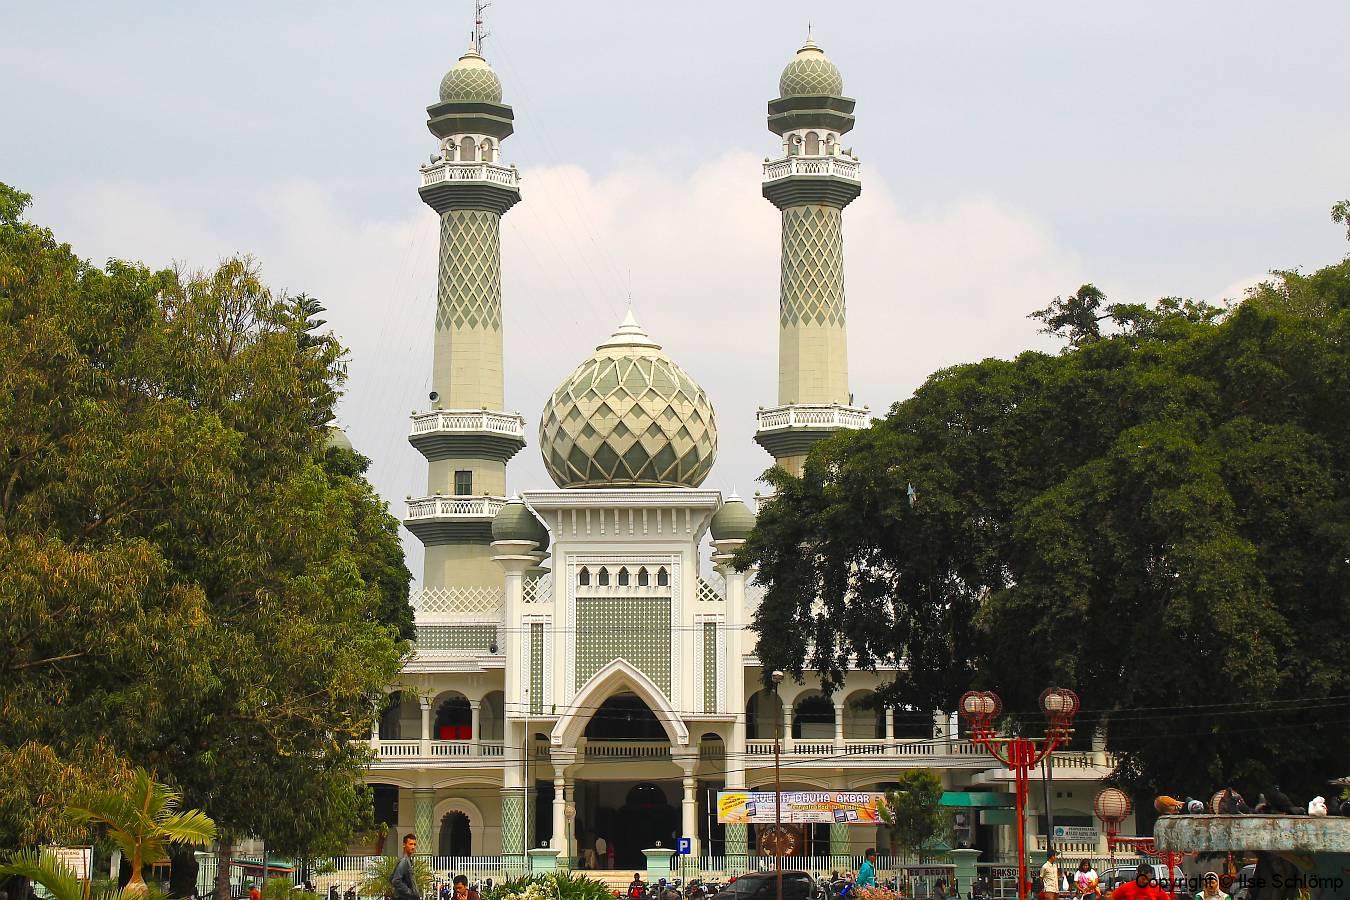 Java, Malang, Moschee Masjid Agung Jami Malang